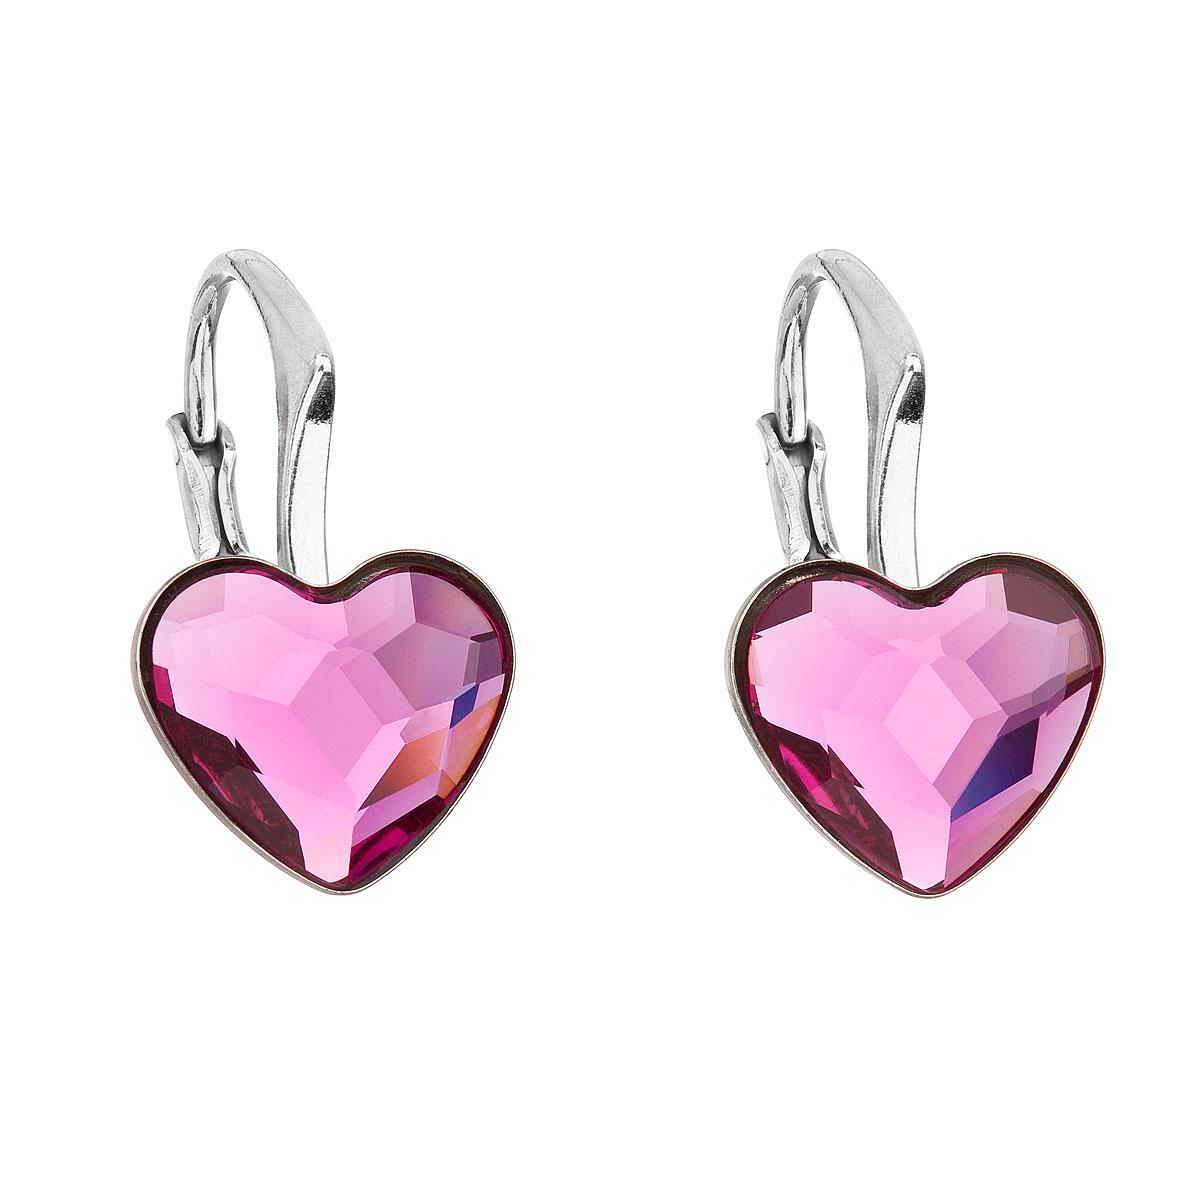 Evolution Group Stříbrné náušnice visací s krystaly Swarovski růžové srdce 31240.3 fuchsia